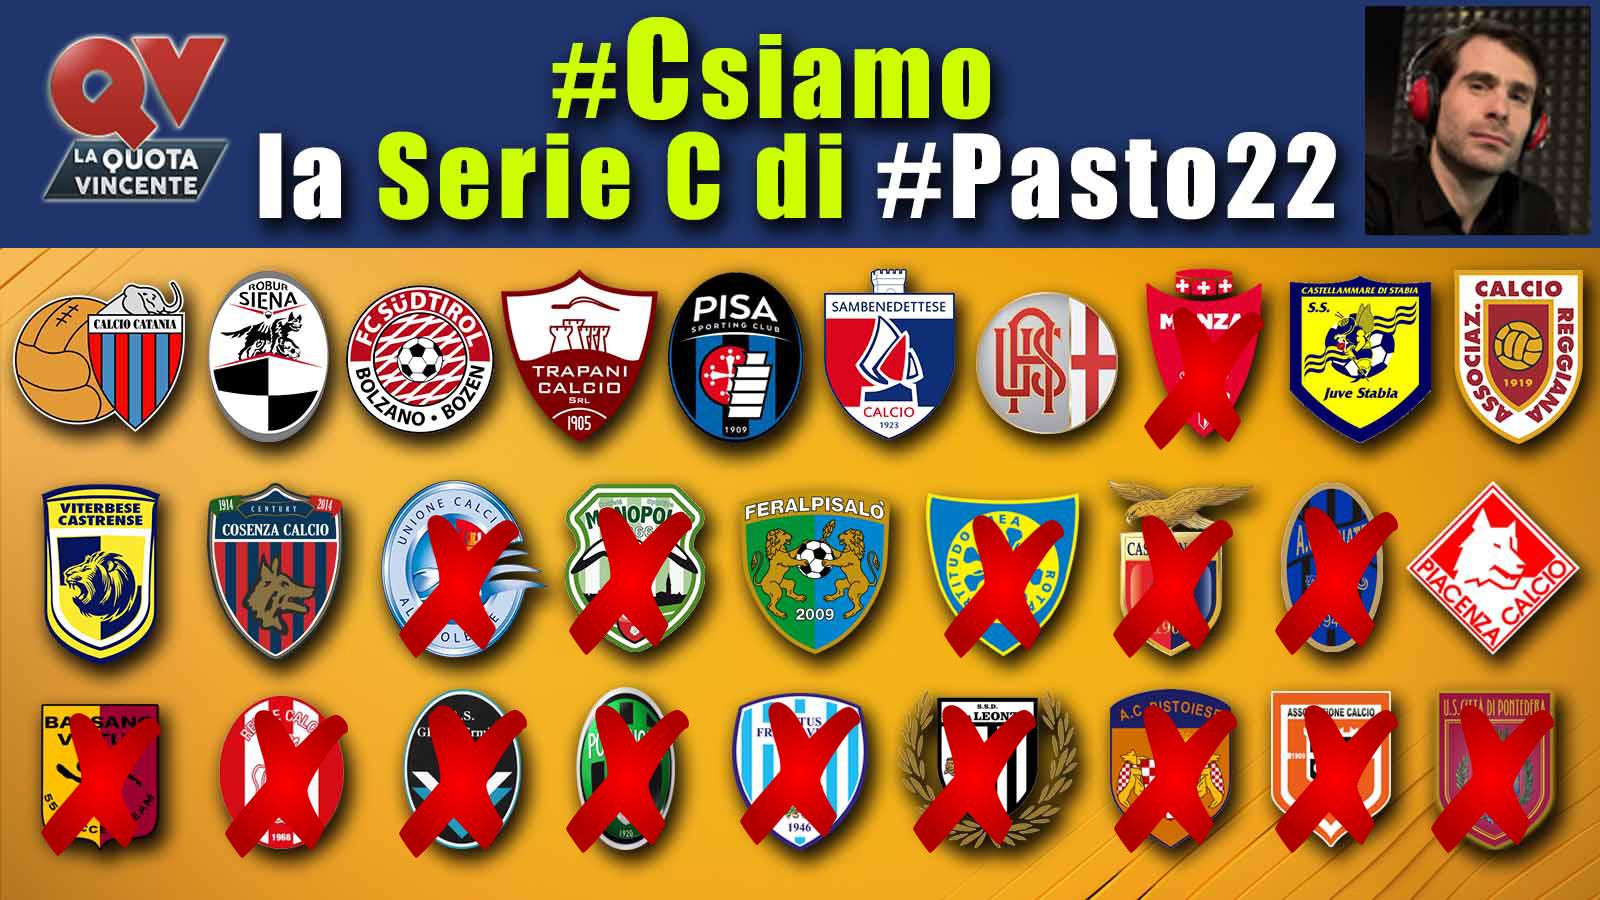 Pronostici Serie C 19 20 maggio: #Csiamo, il blog di #Pasto22 speciale playoff/playout